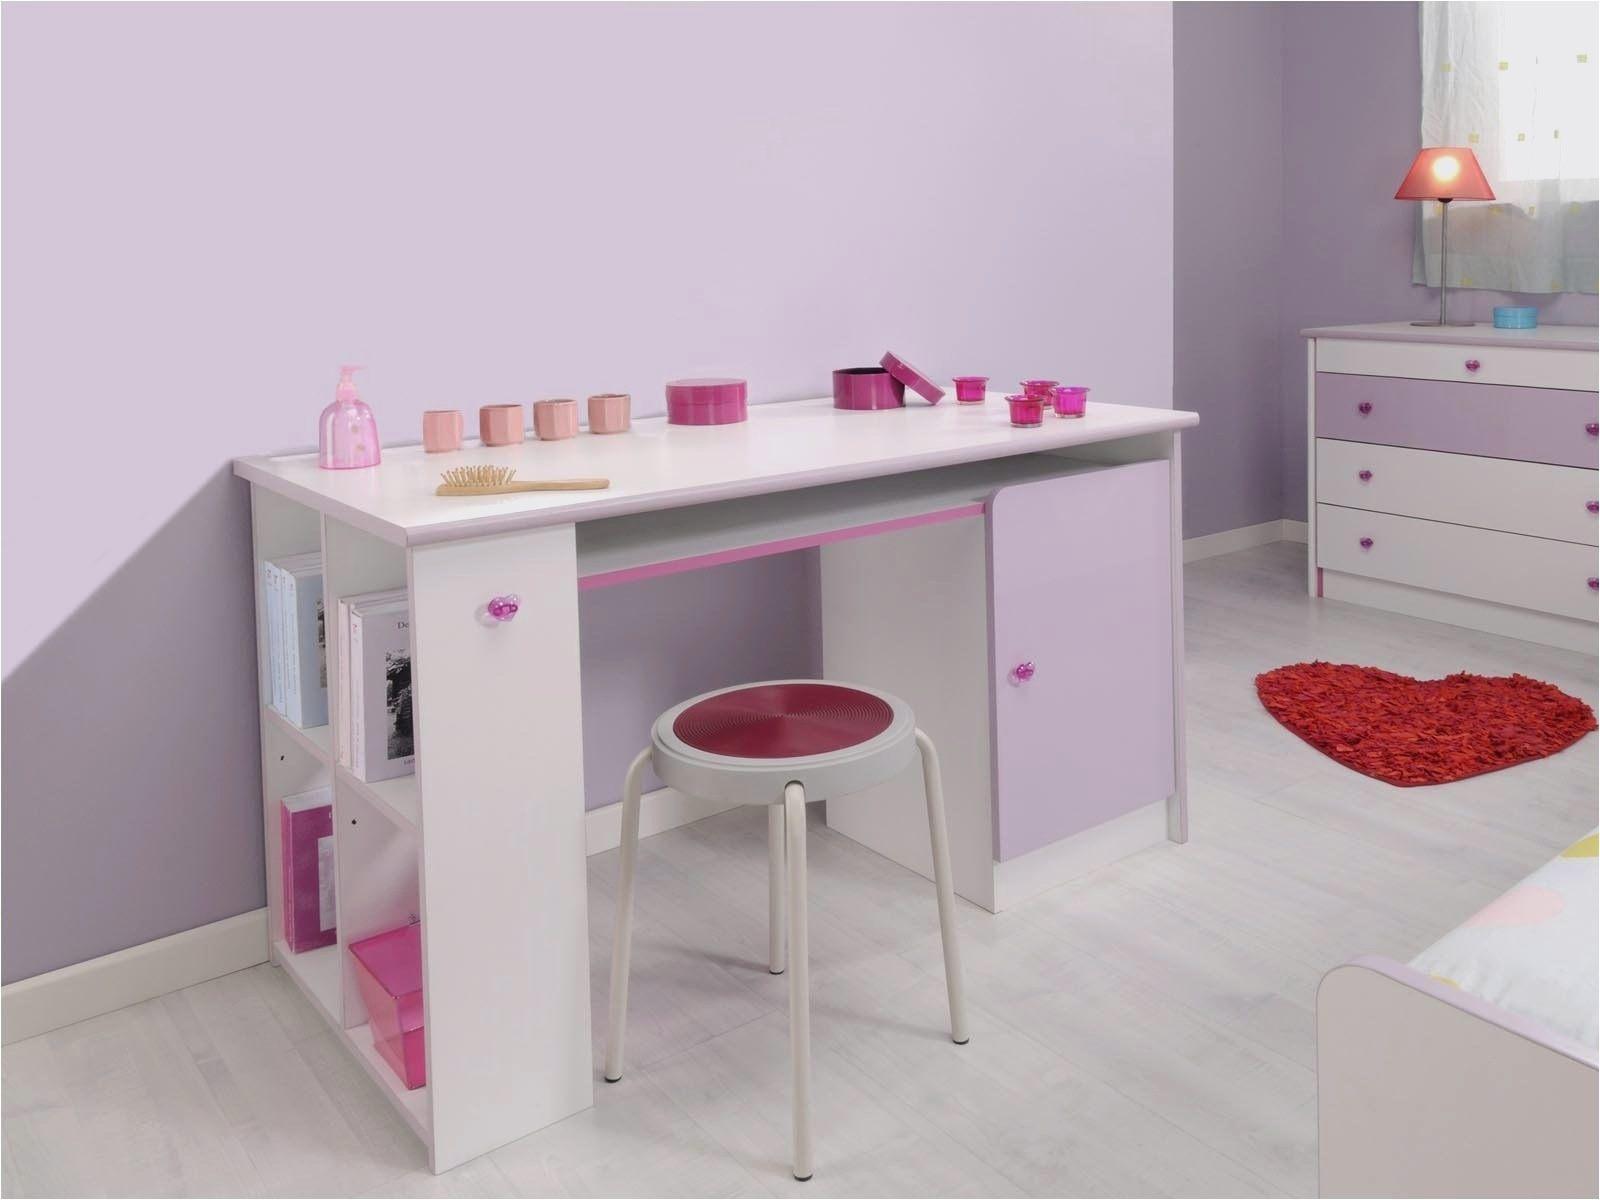 Lit Maison Bois Le Luxe Bureau Garcon Decoration De Bureau Maison Luxe Bureau Enfant Fait